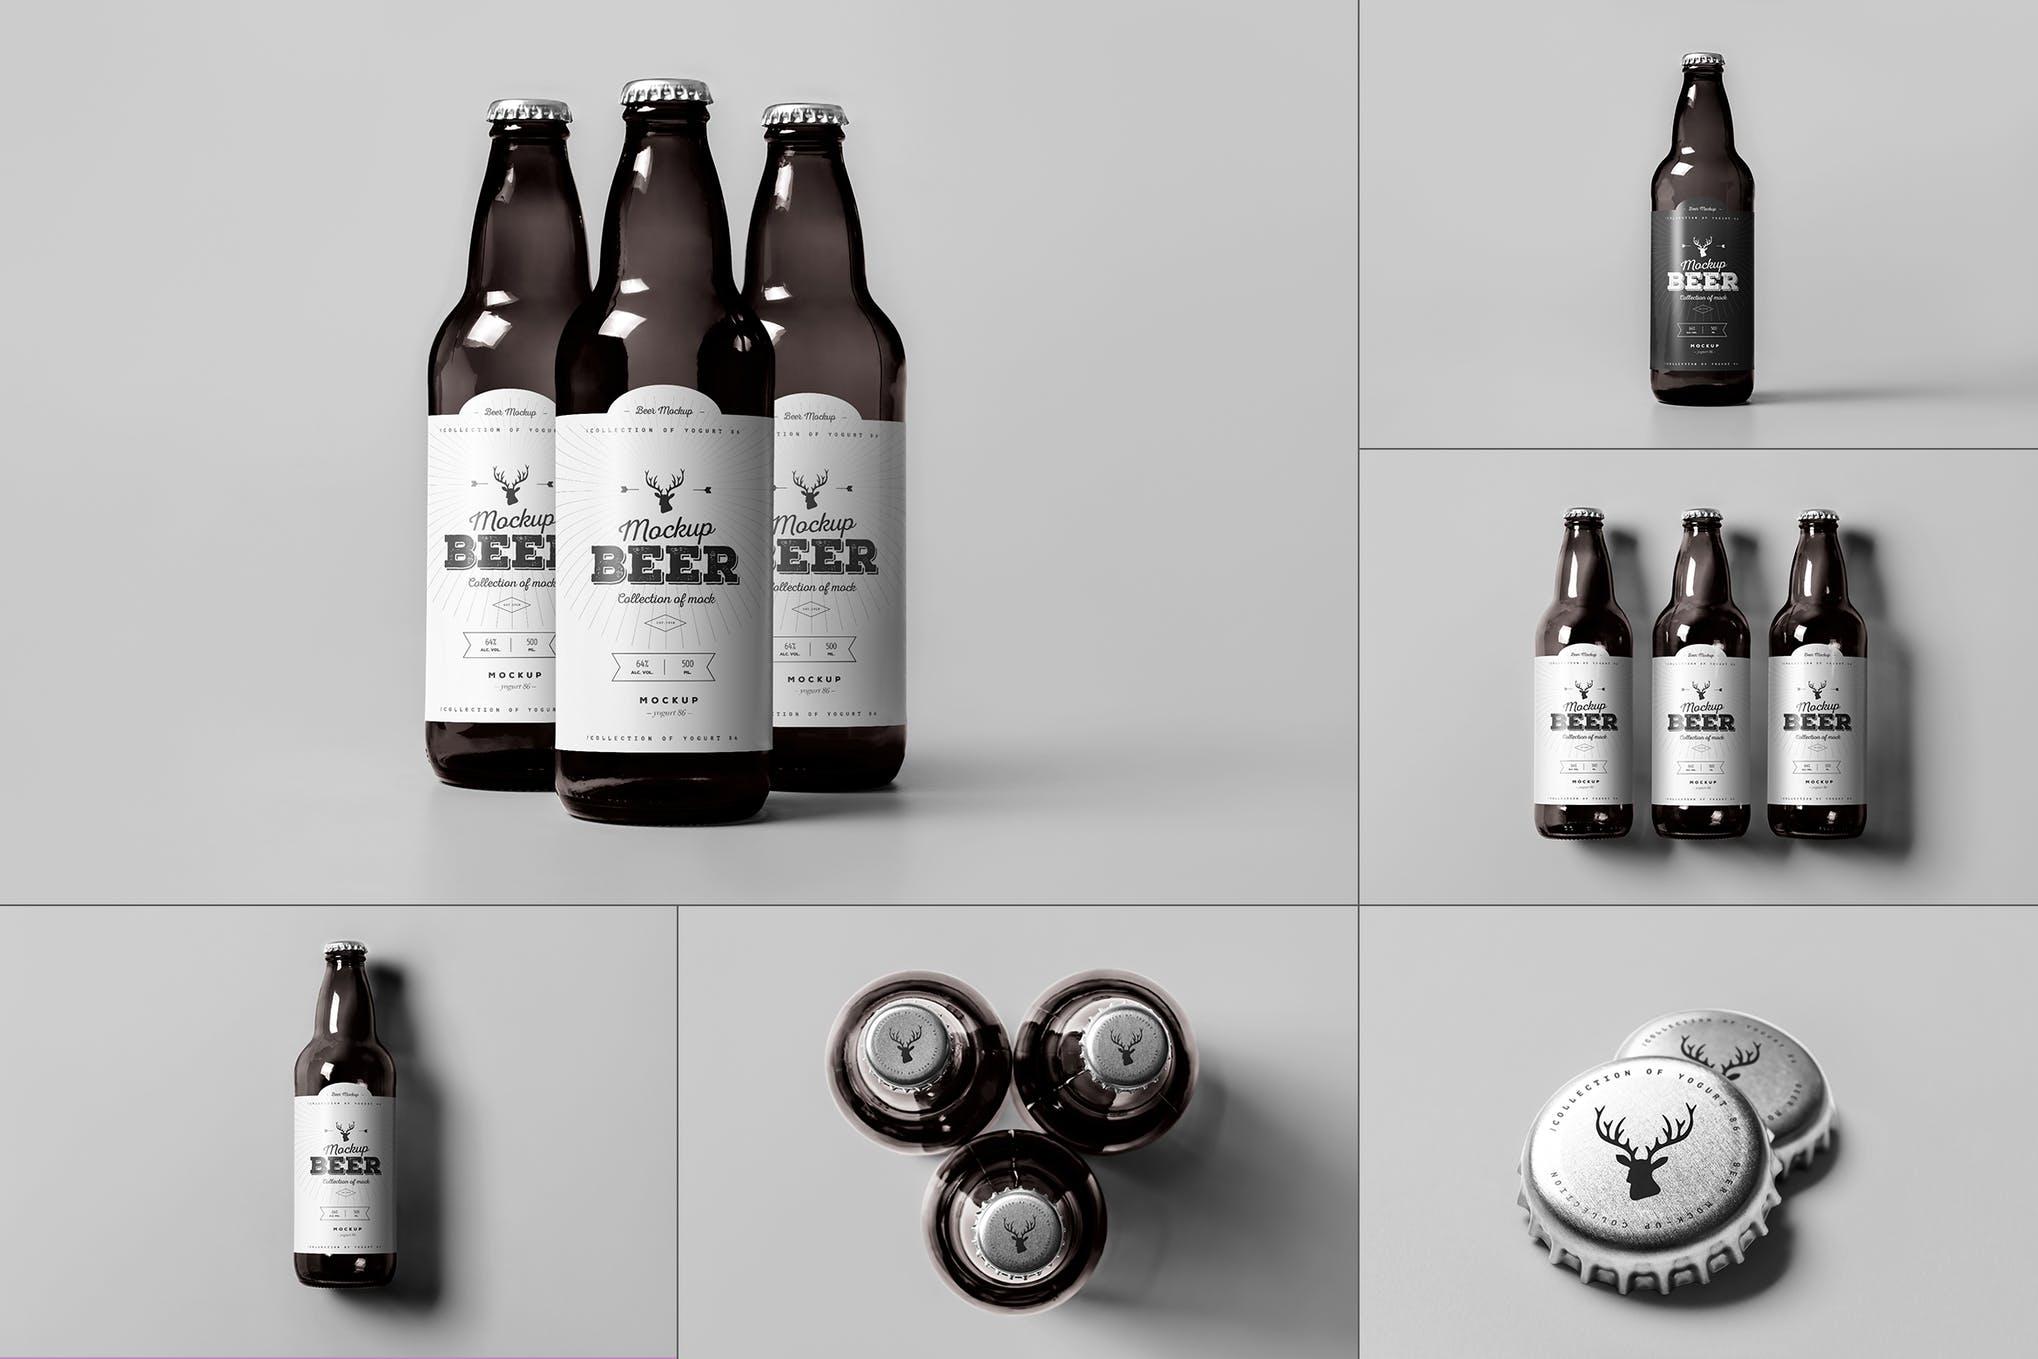 啤酒瓶瓶盖包装插图(1)